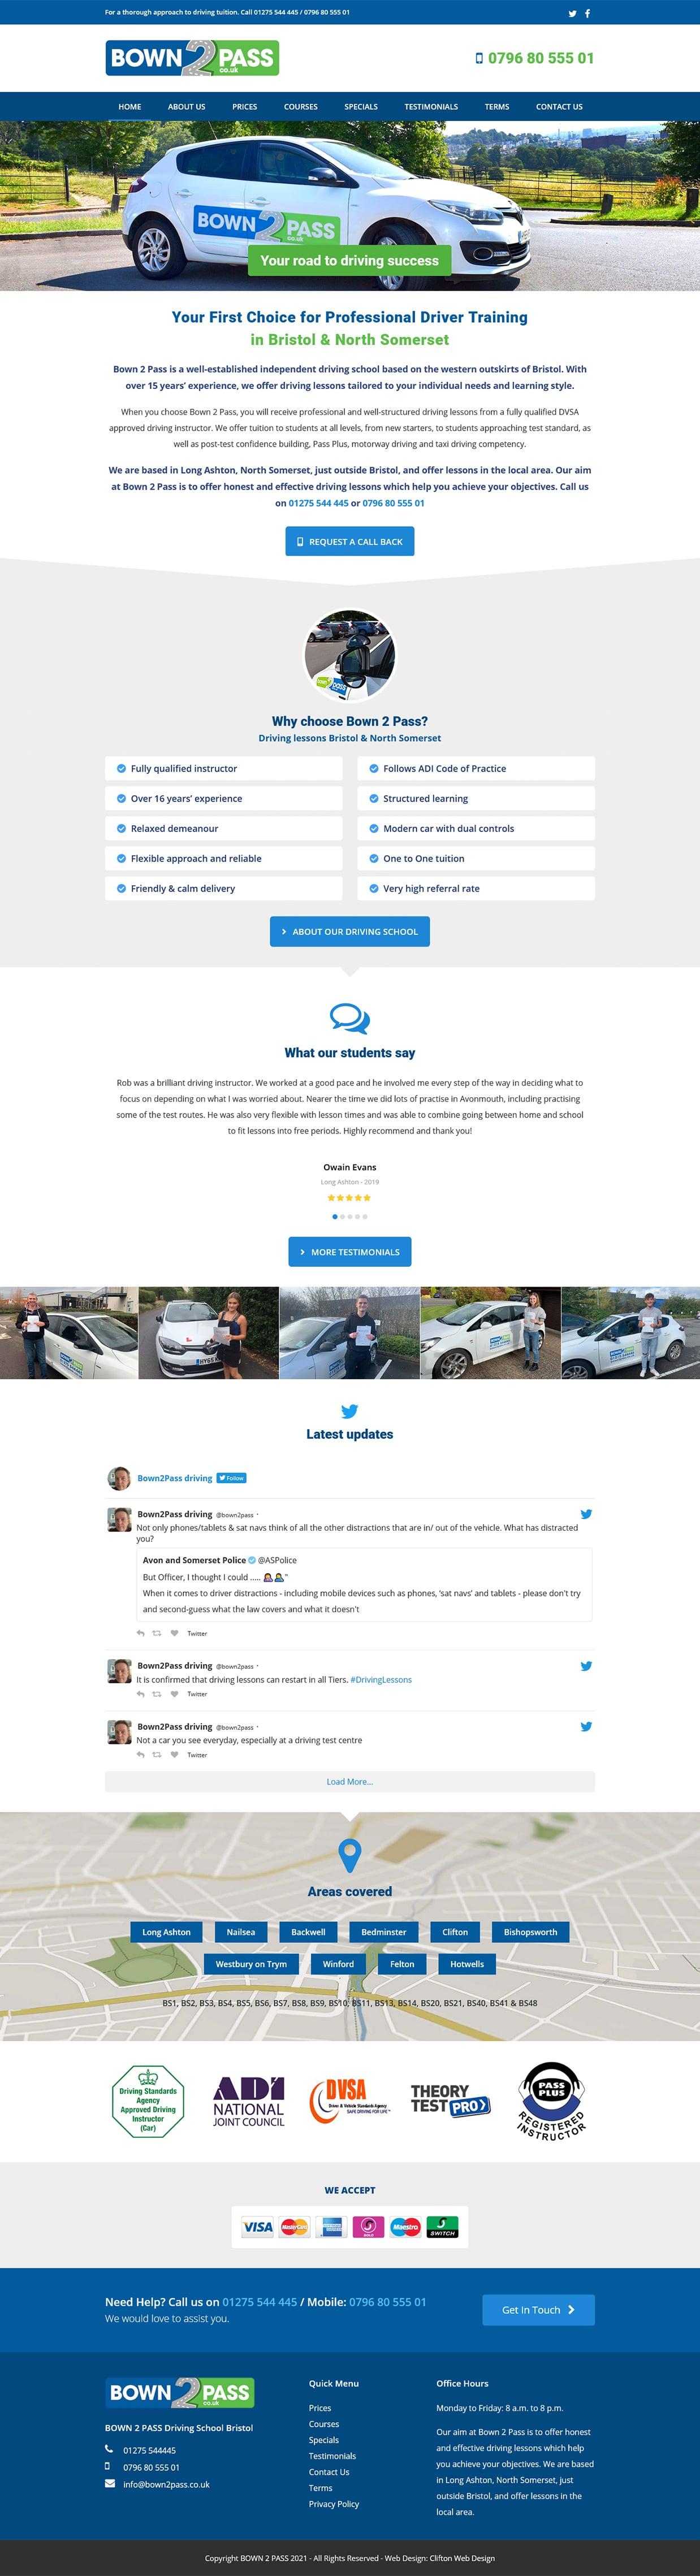 Website screenshot - Bown 2 Pass